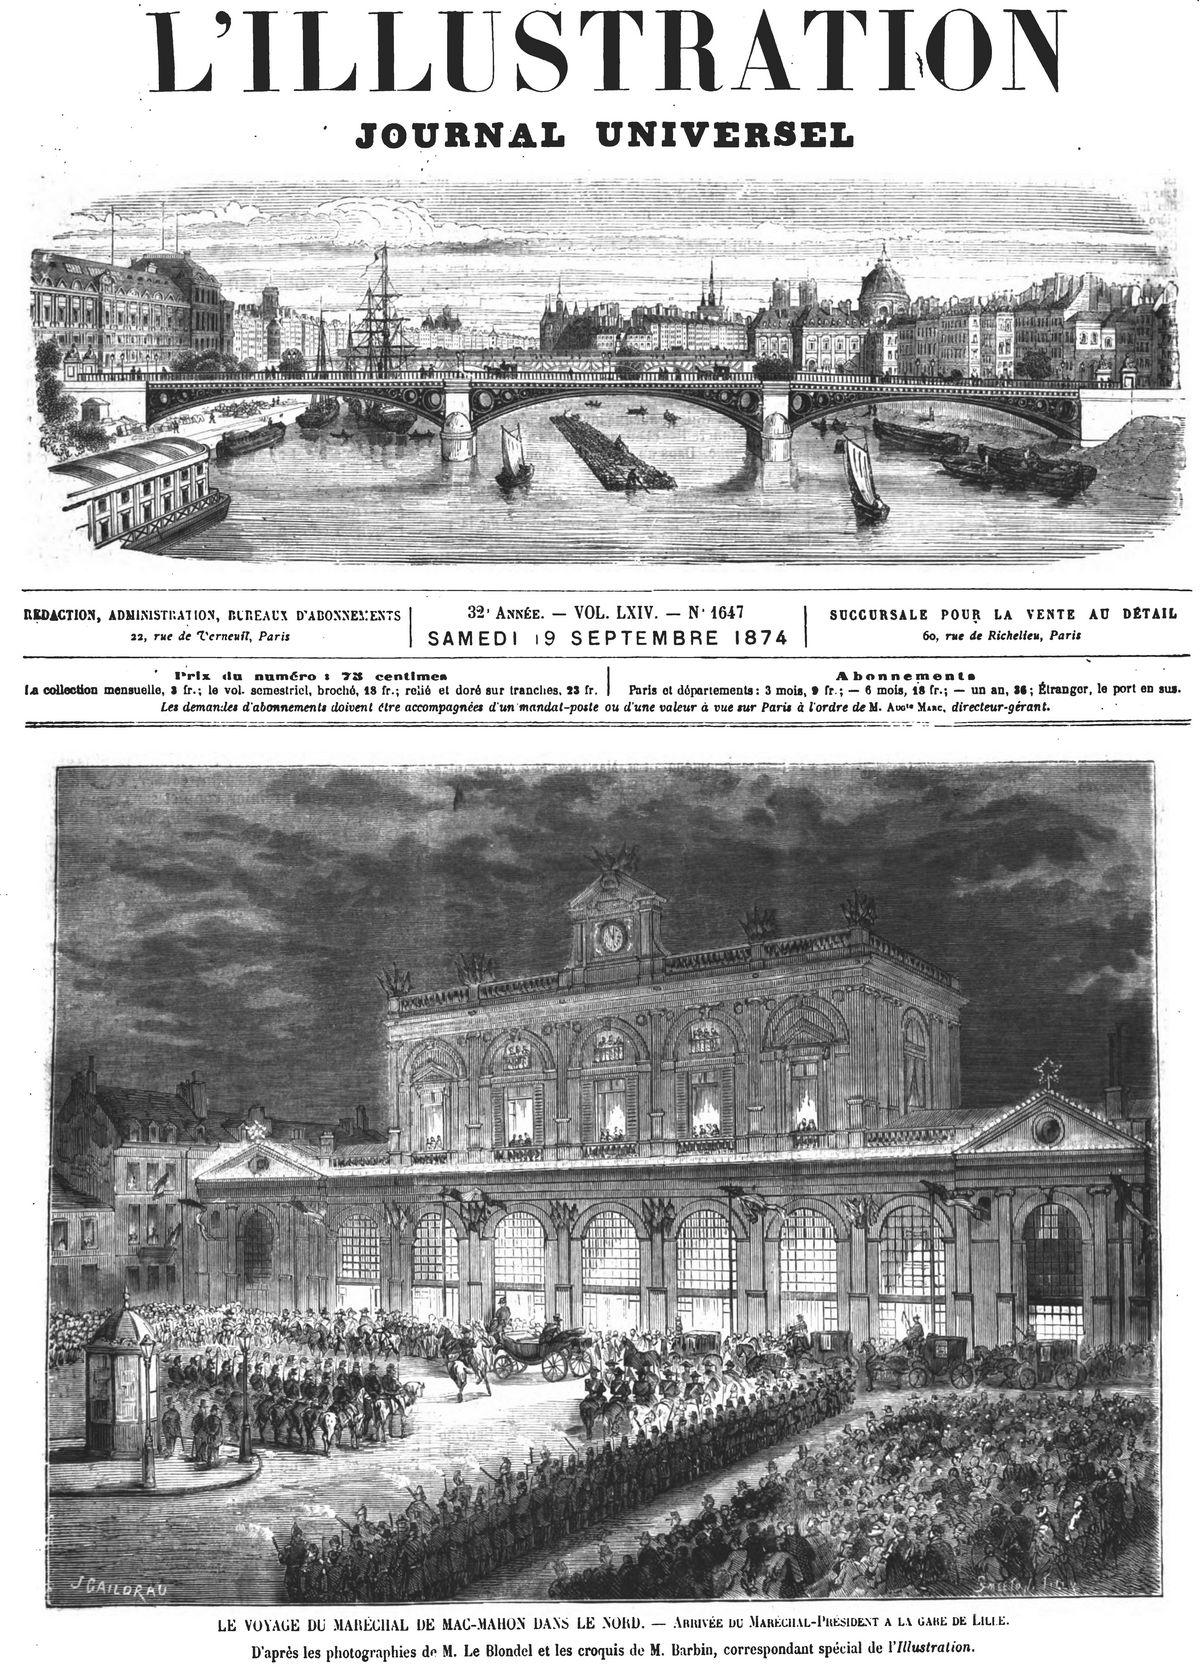 Le voyage du maréchal de Mac-Mahon dans le Nord : arrivée du maréchal-président à la gare de Lille.